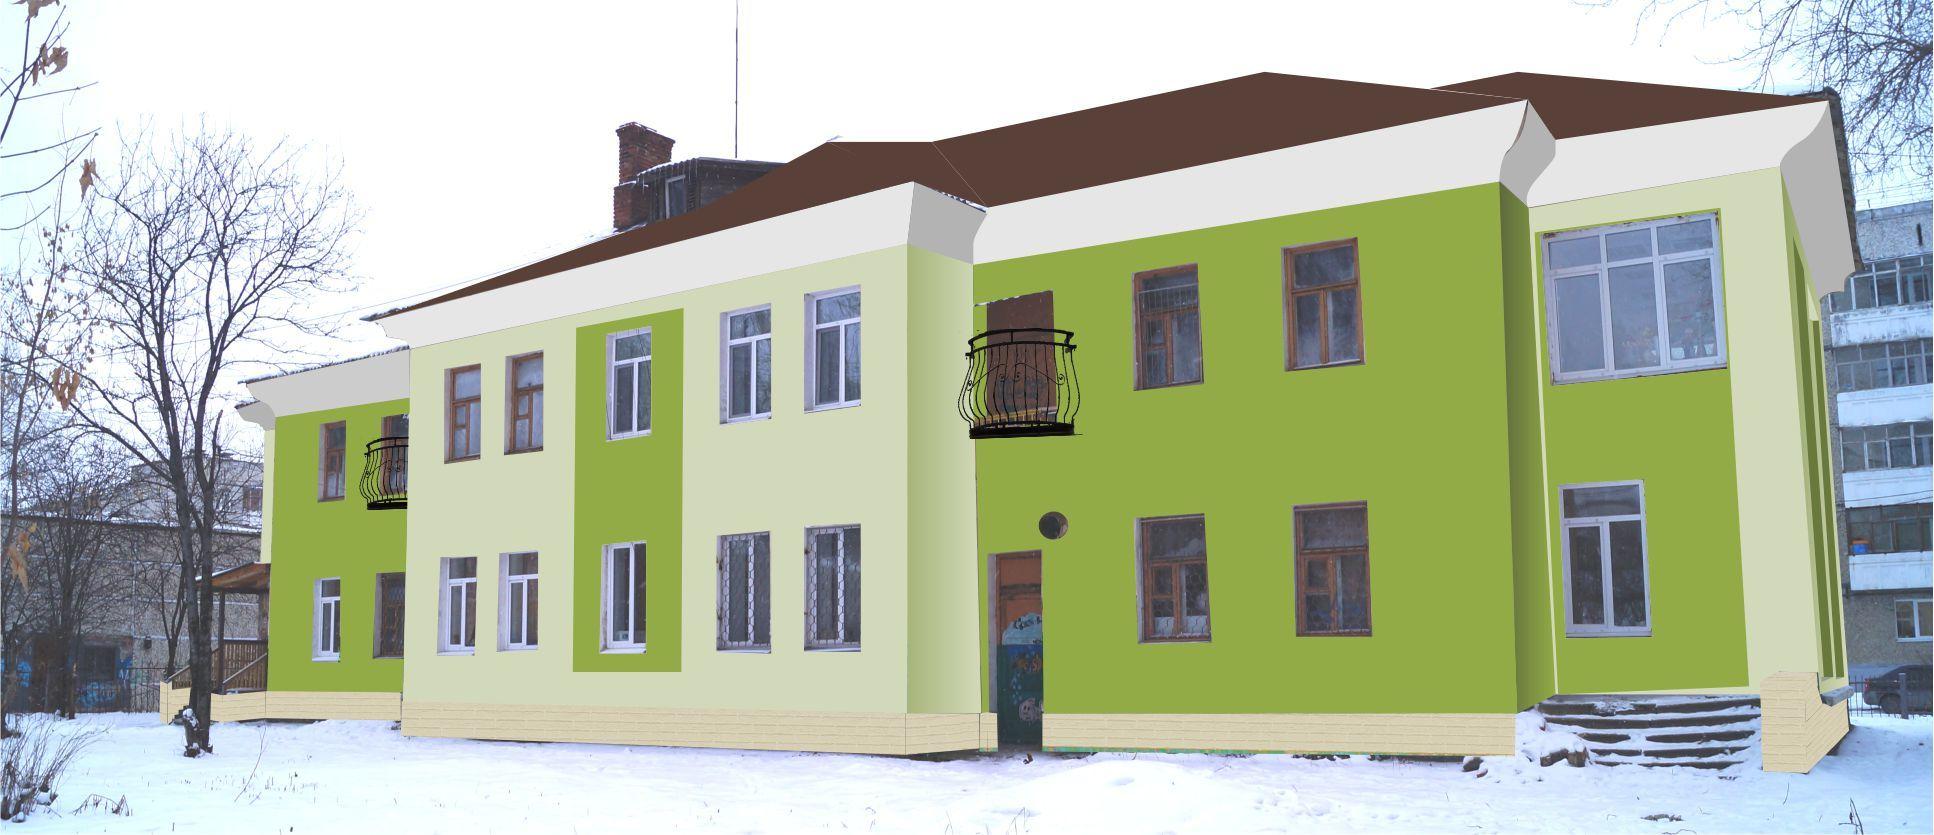 Проект школы, разработанный Евгенией Шитовой